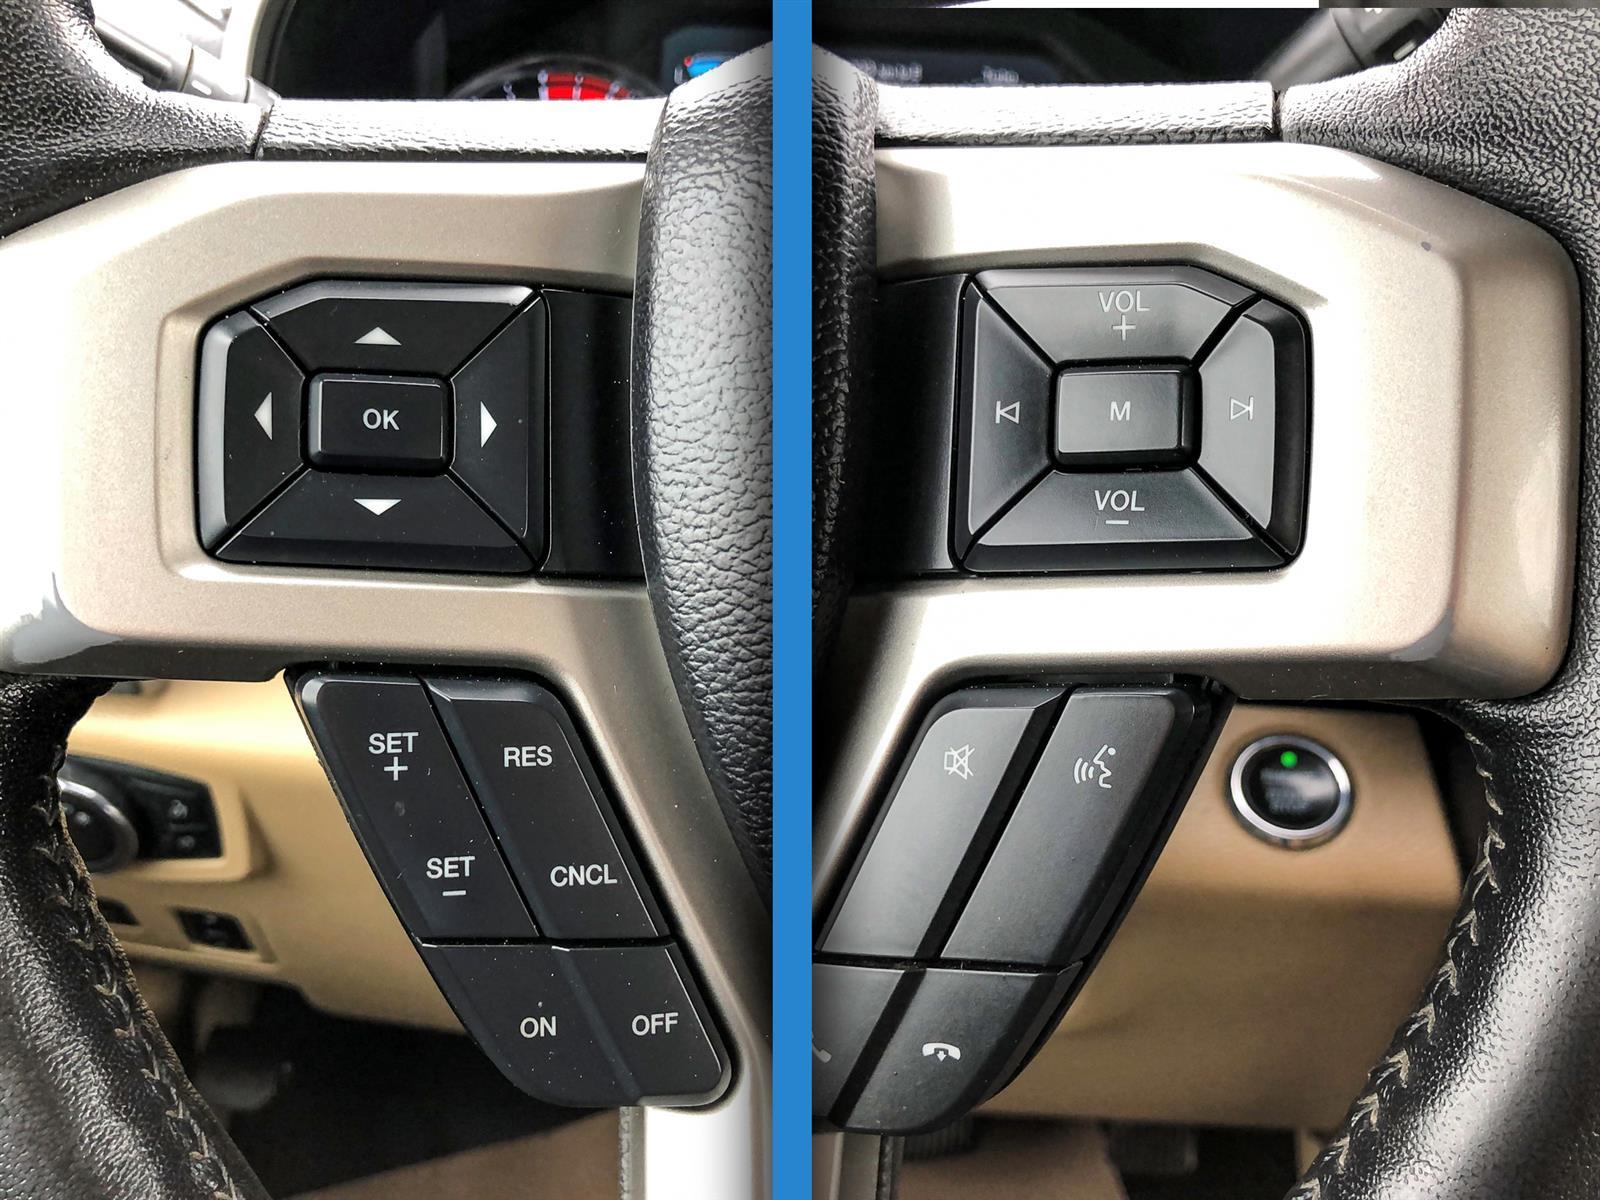 2019 Ford F-350 LARIAT   6.7L POWER STROKER V8   4X4   NAV SYSTEM   MOONROOF